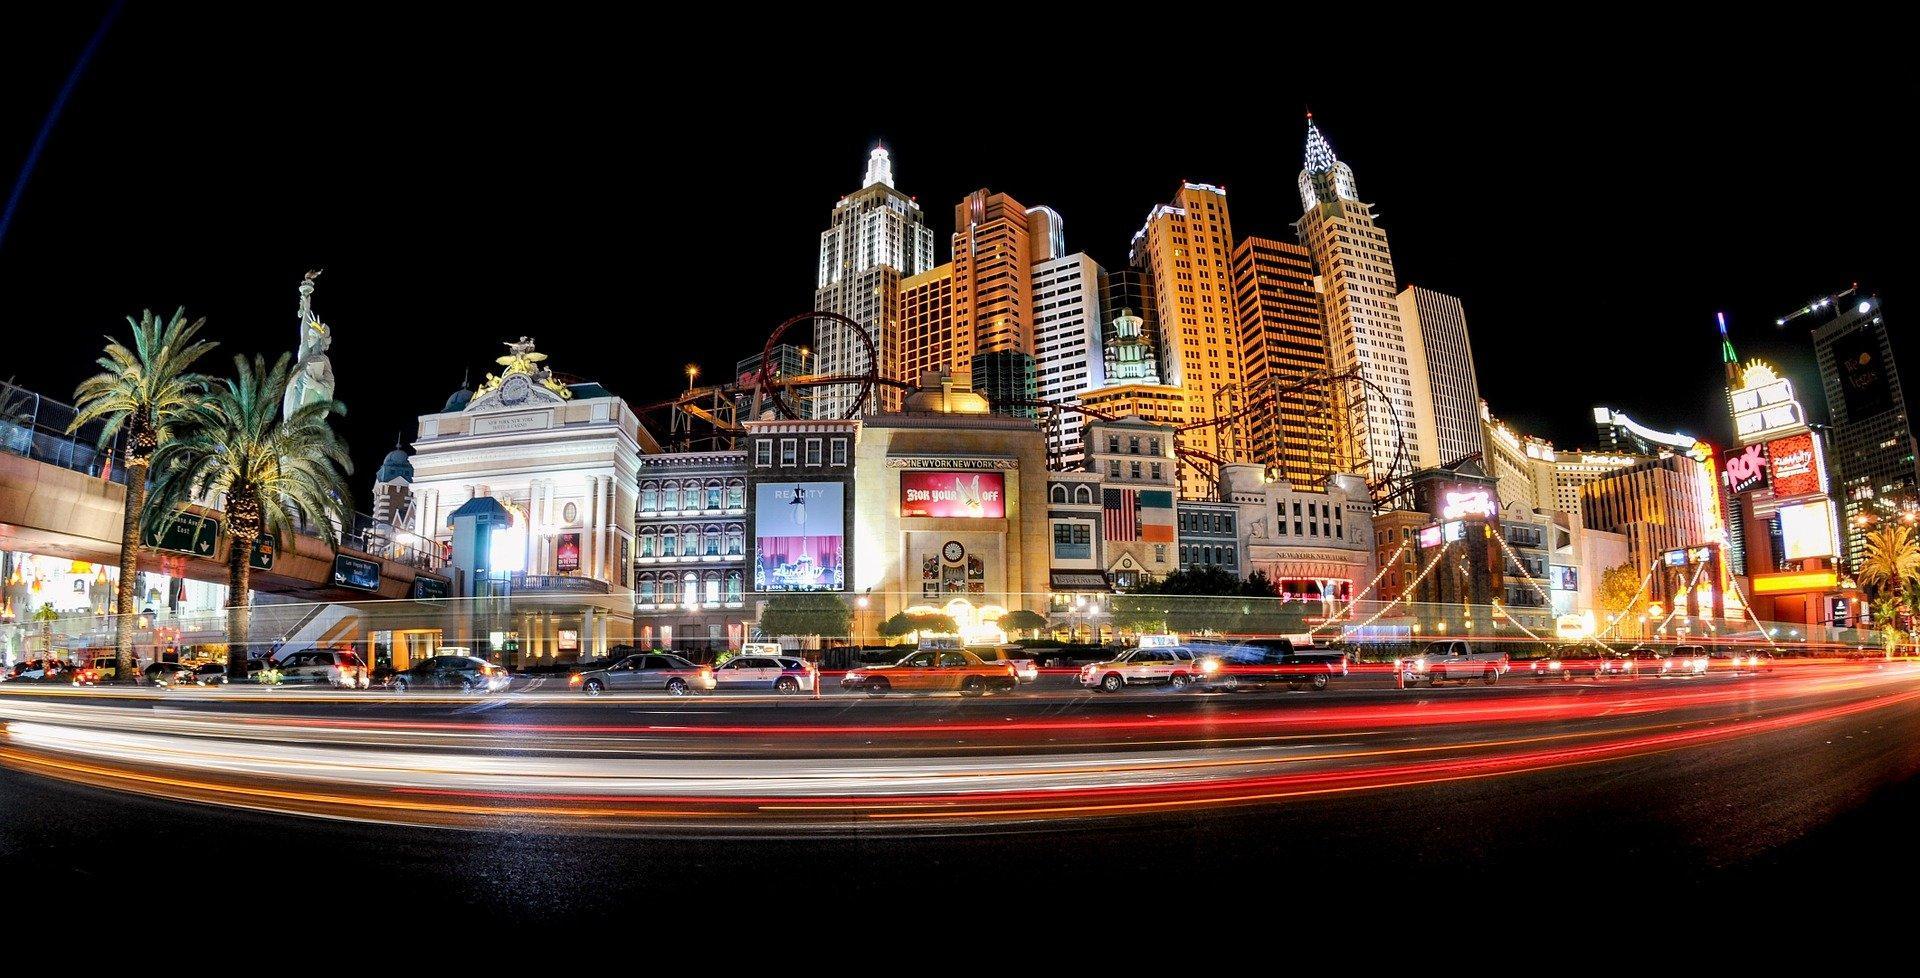 Resesidan.se om Las Vegas